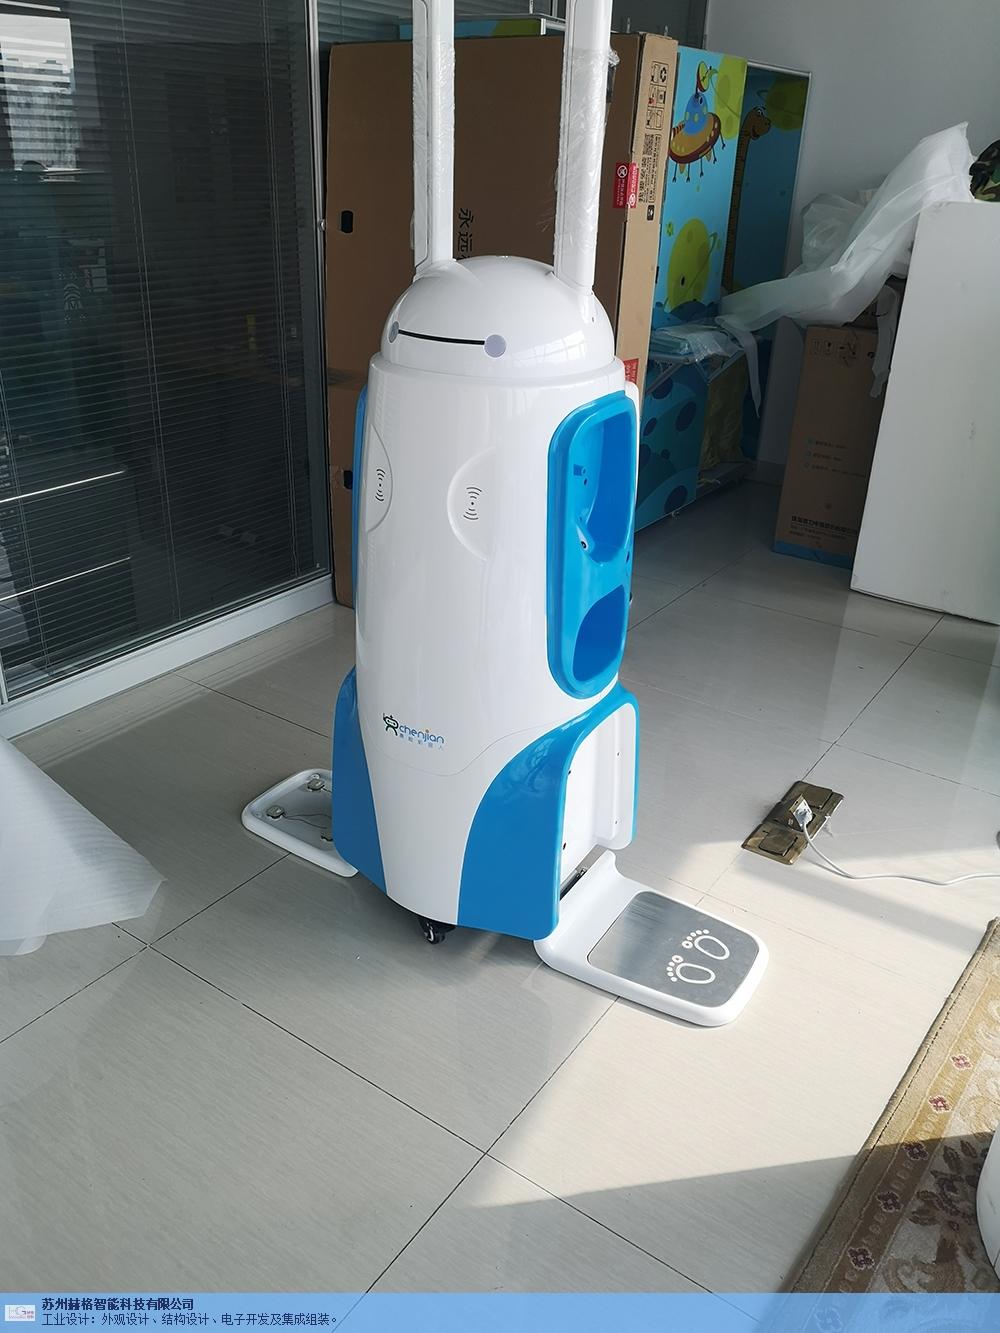 芜湖产品设计诚信企业 苏州赫格智能科技供应